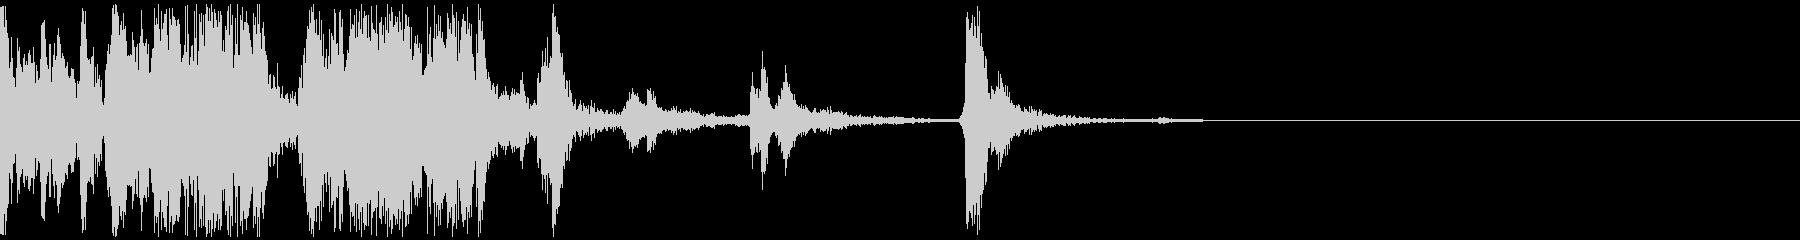 チャリーンとガラスが触れる音 33の未再生の波形